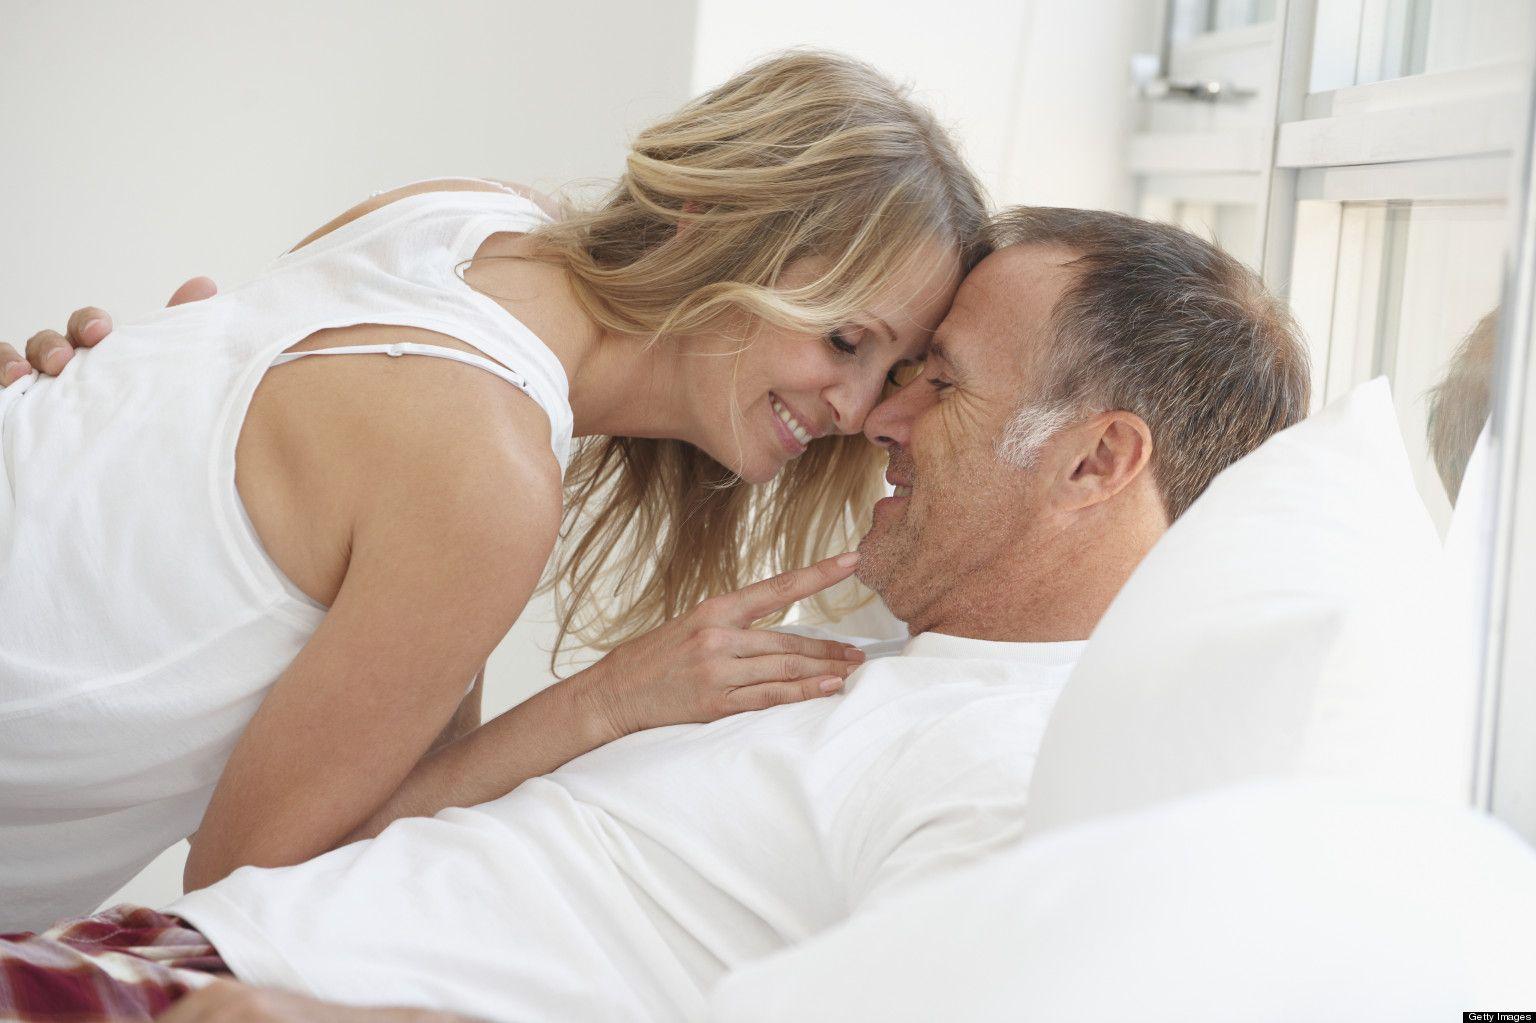 erecția slăbește odată cu înaintarea în vârstă